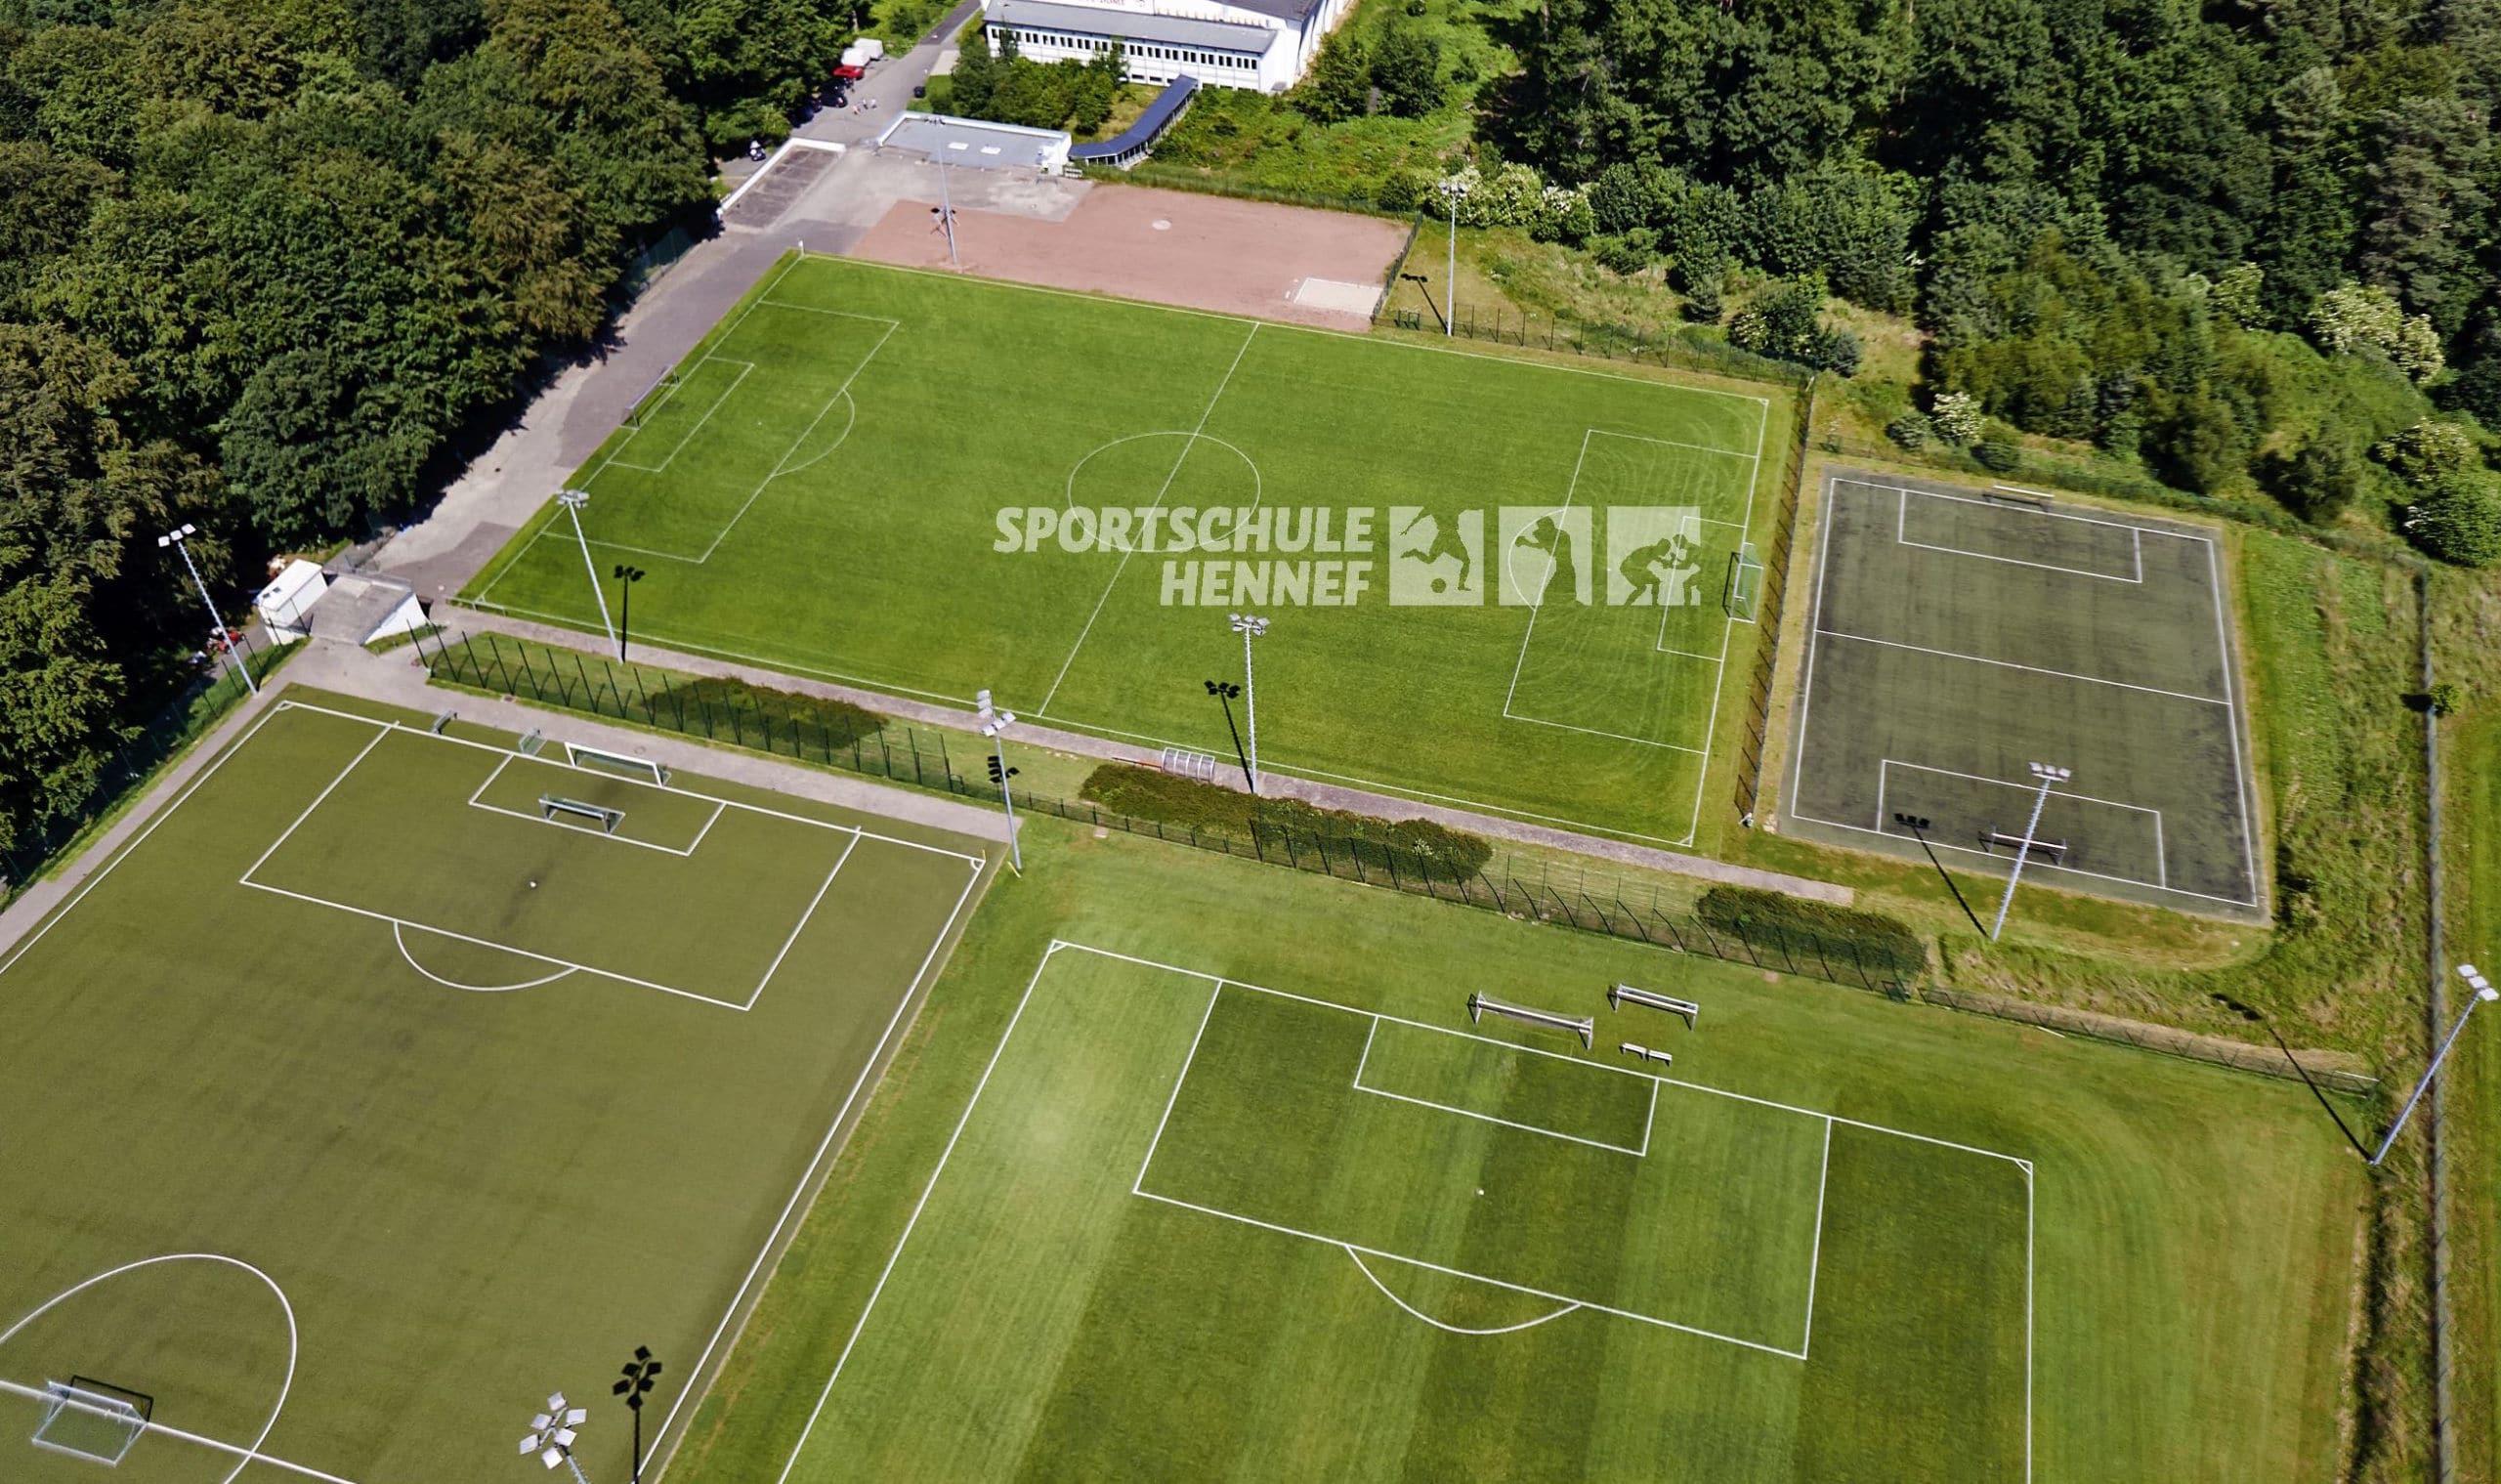 Riesige Sportanlage mit mehreren Plätzen beim Trainingslager Hennef